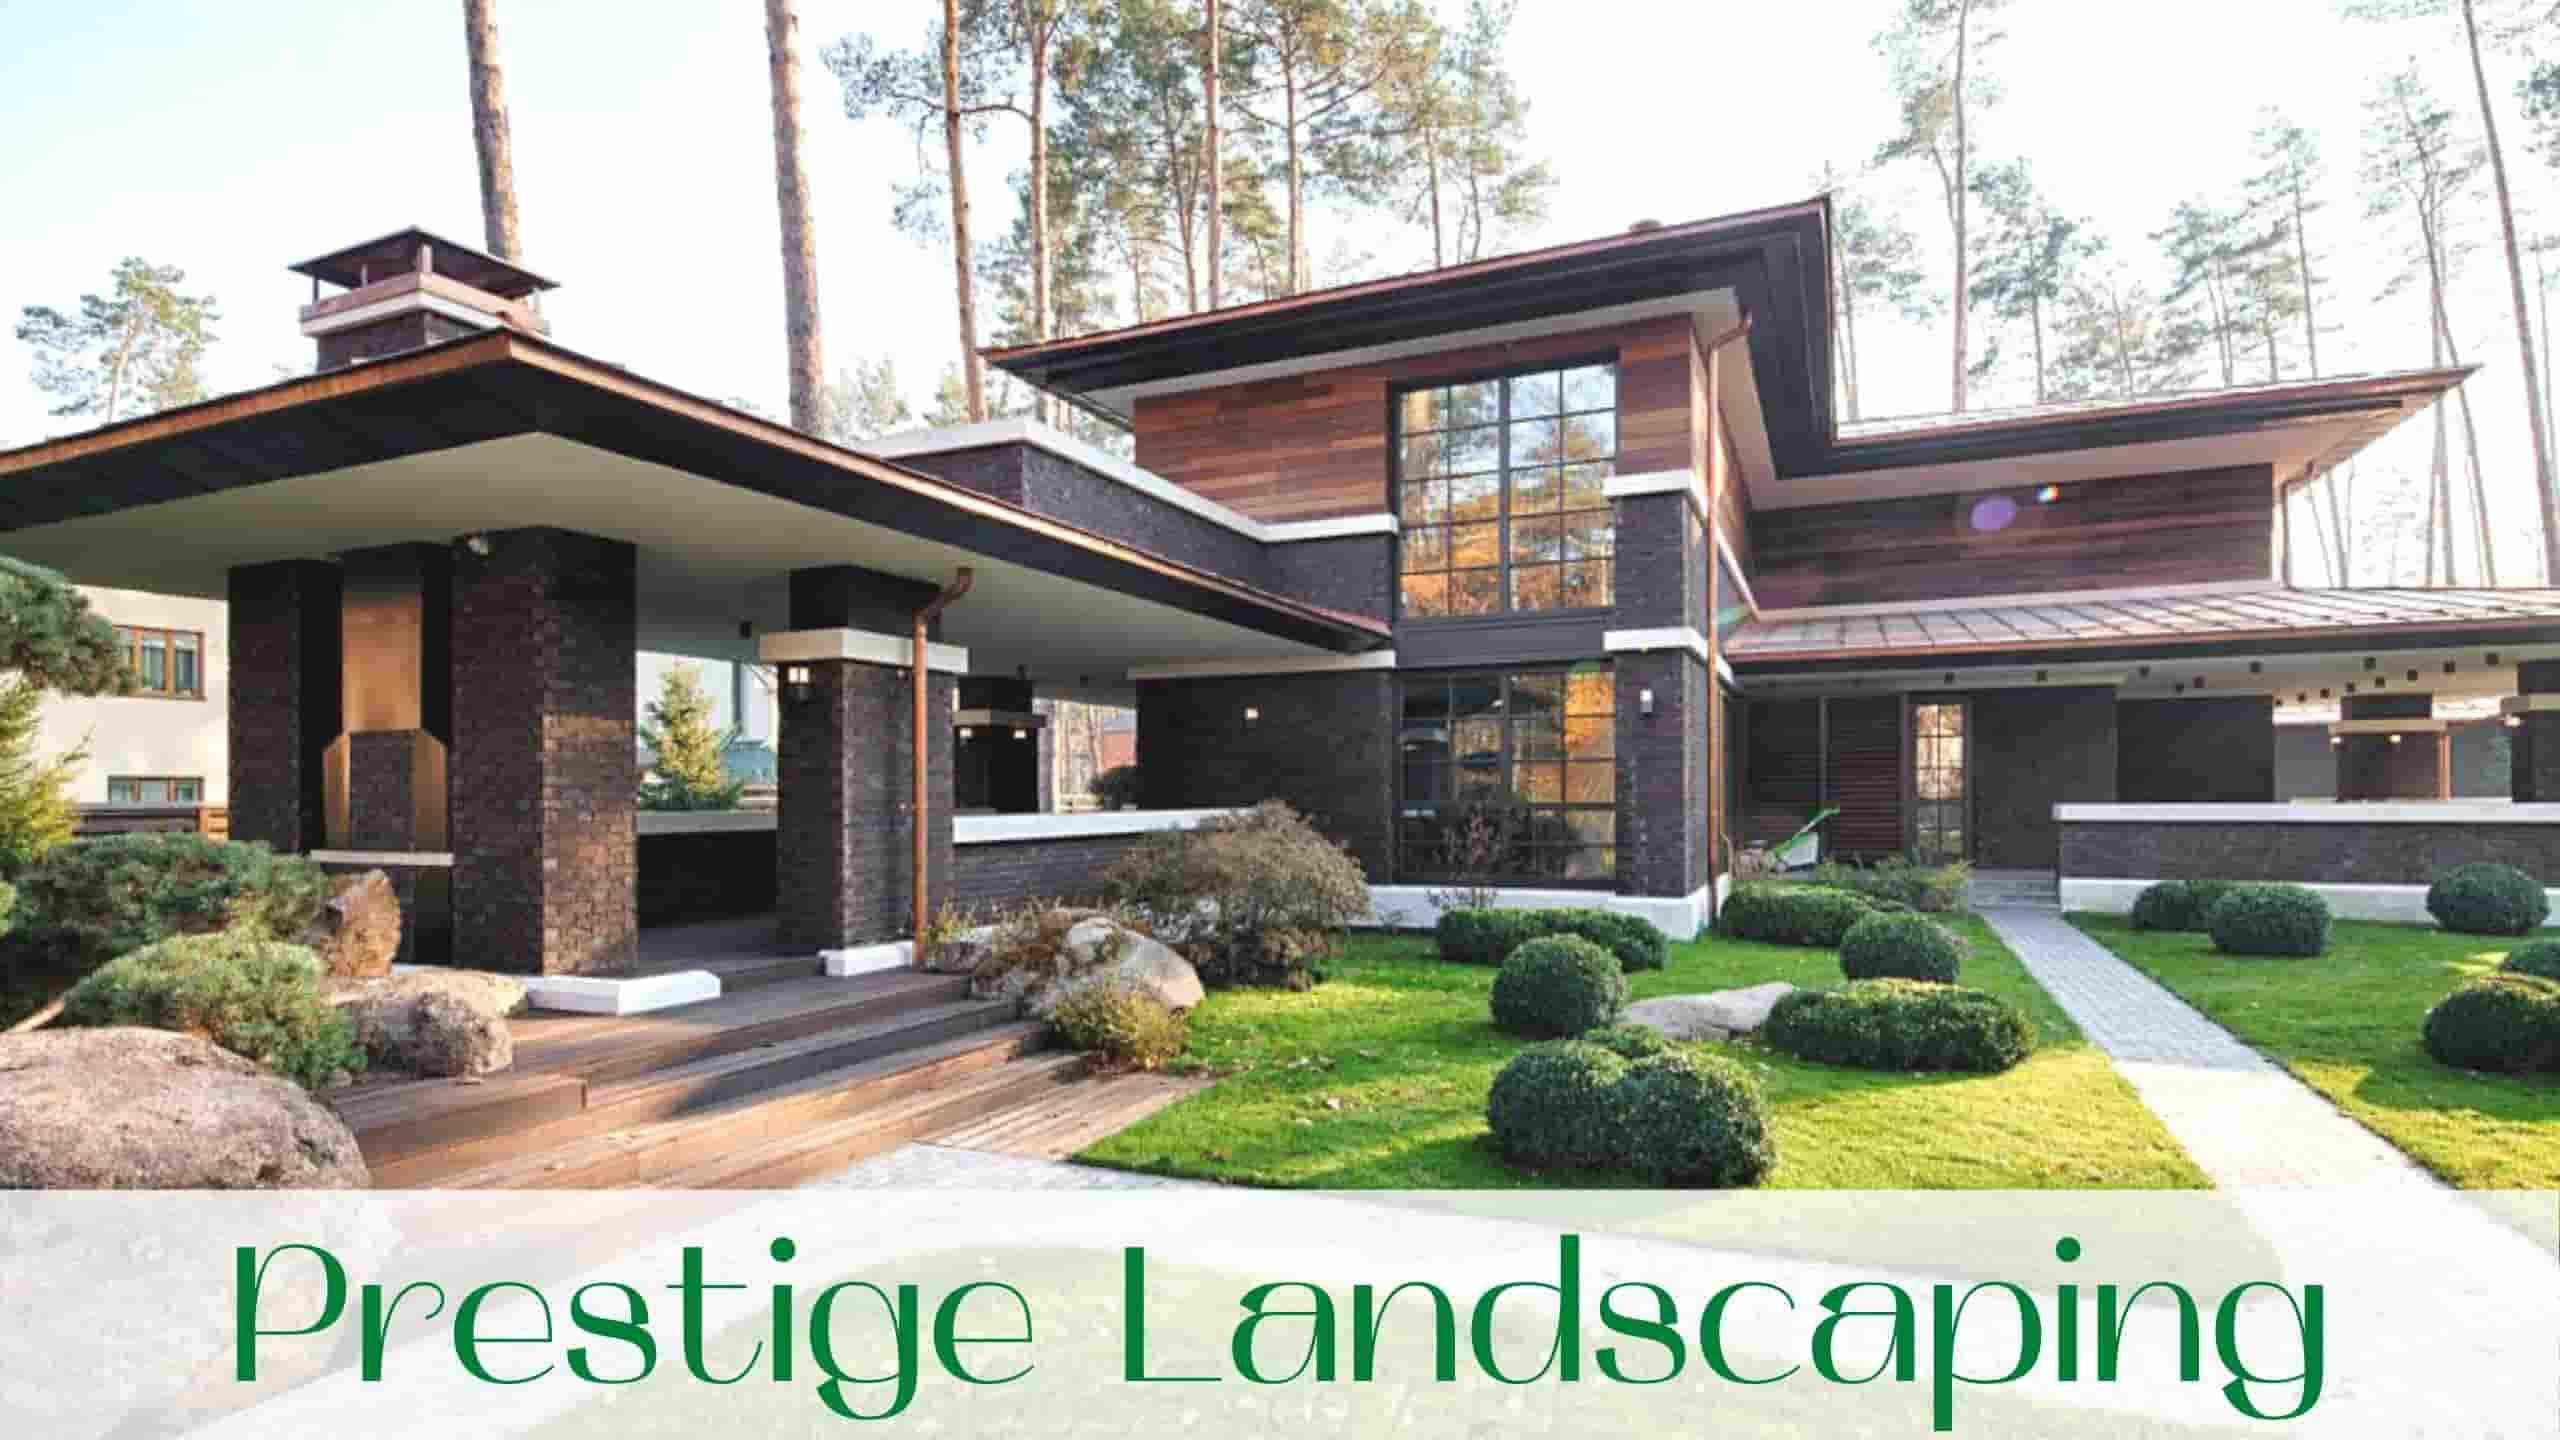 image-prestige-landscaping